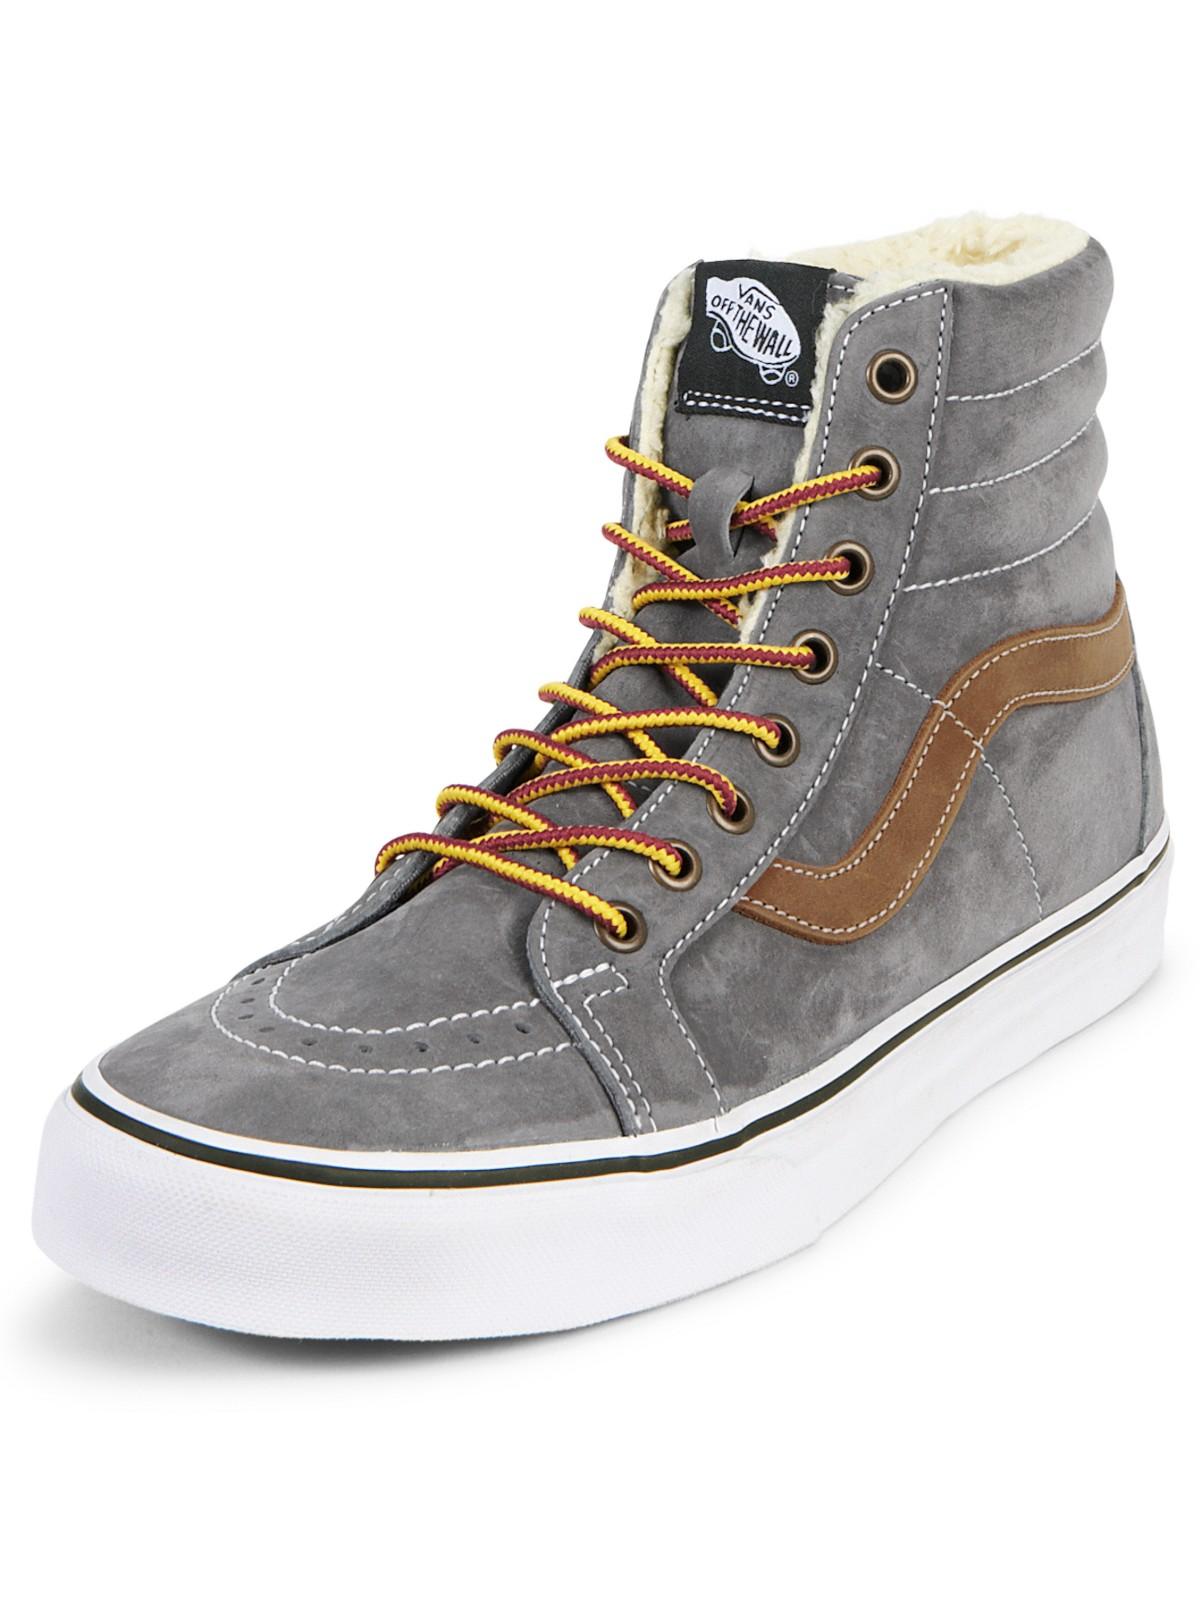 Designer High Top Shoes For Men